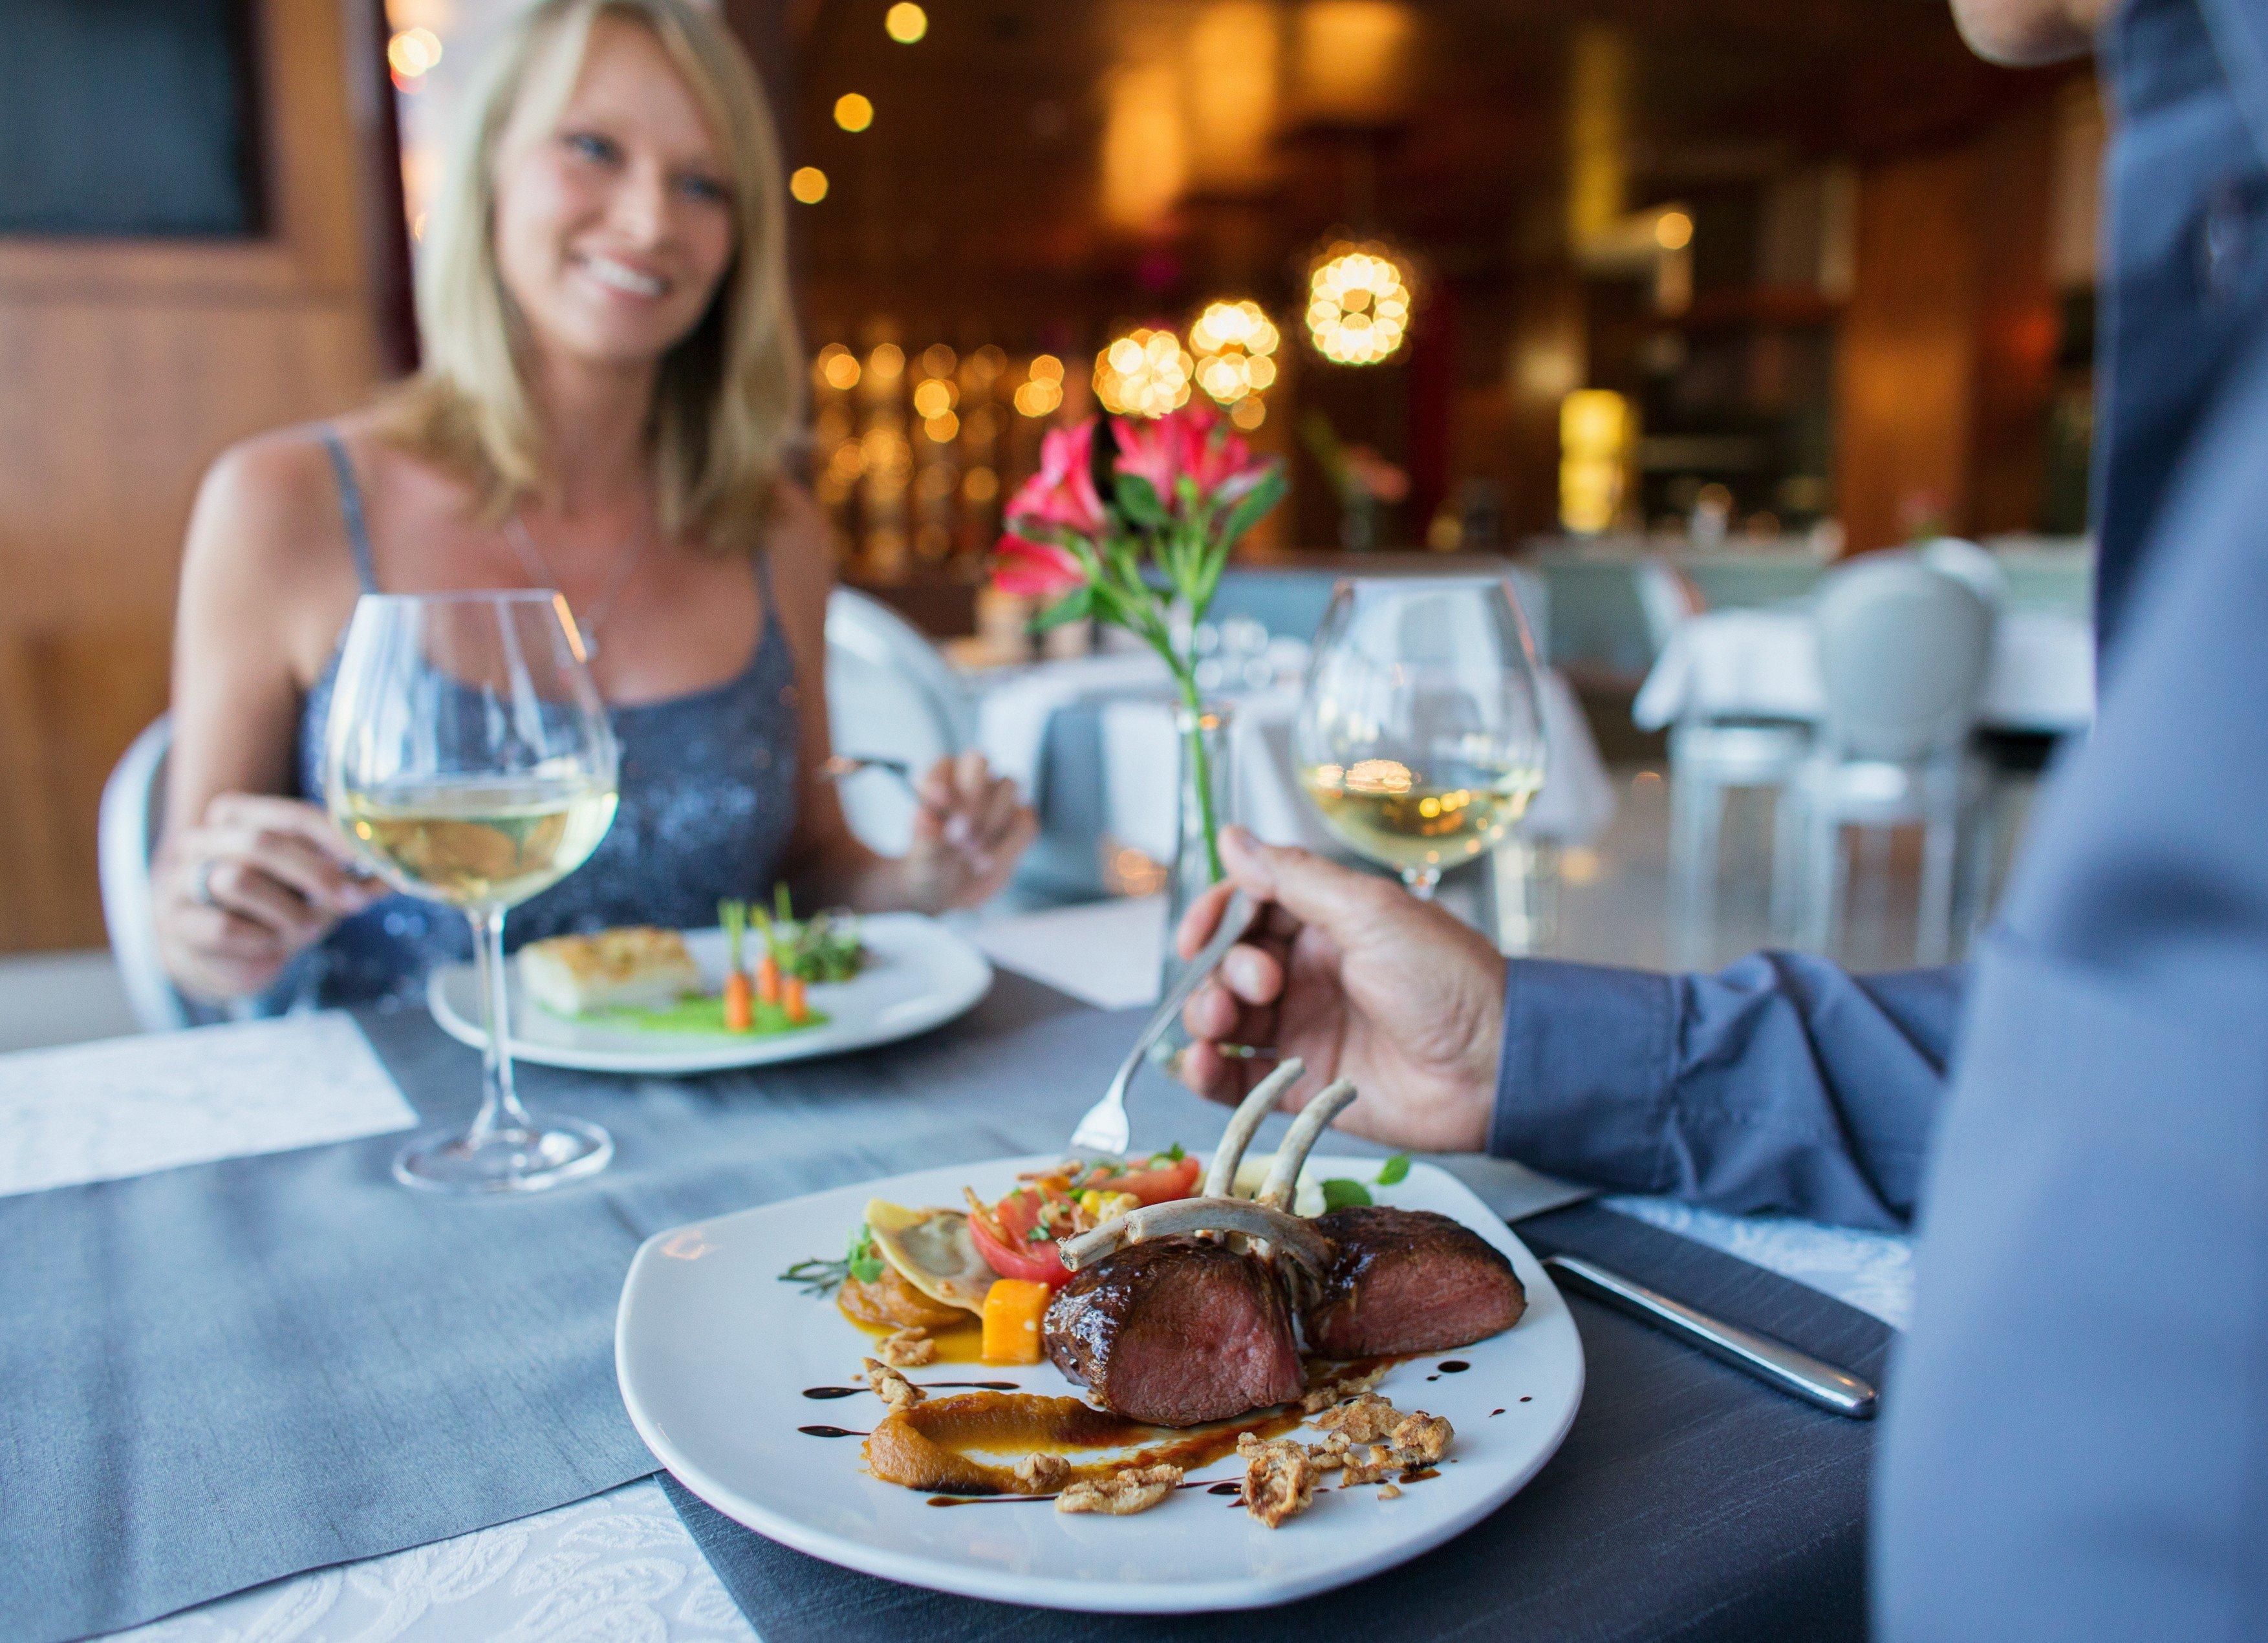 Restaurace, schůzka, rande, večeře. Ilustrační foto